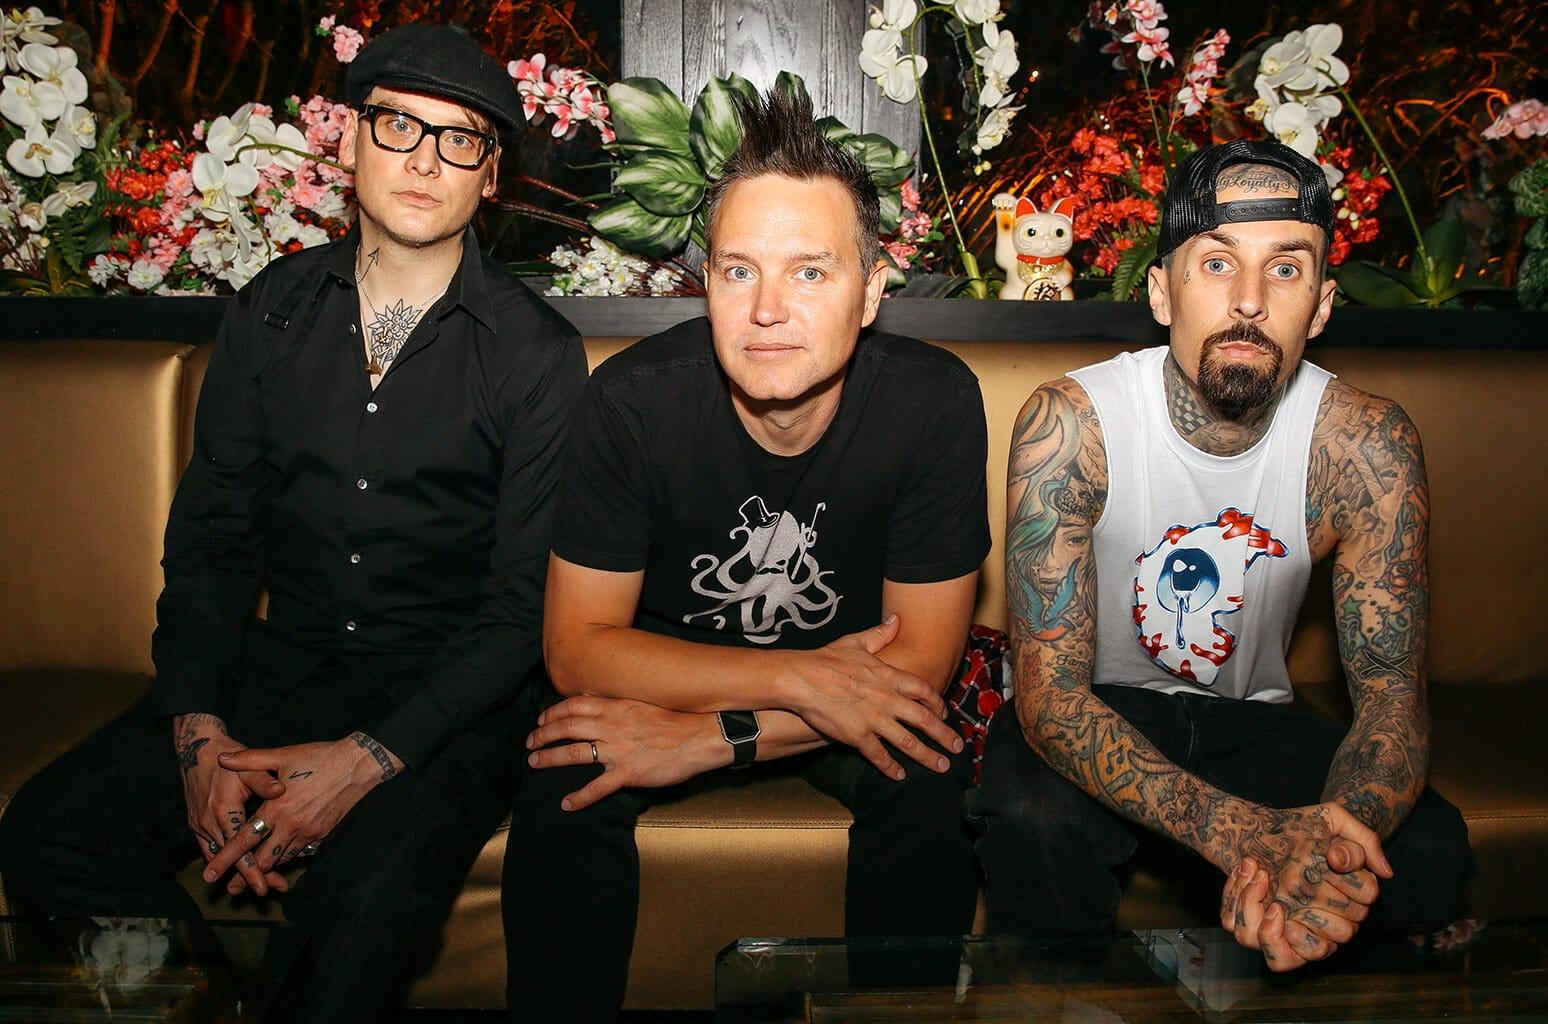 Blink 182 Tour Presale Code Tickets Tour Dates Setlist More